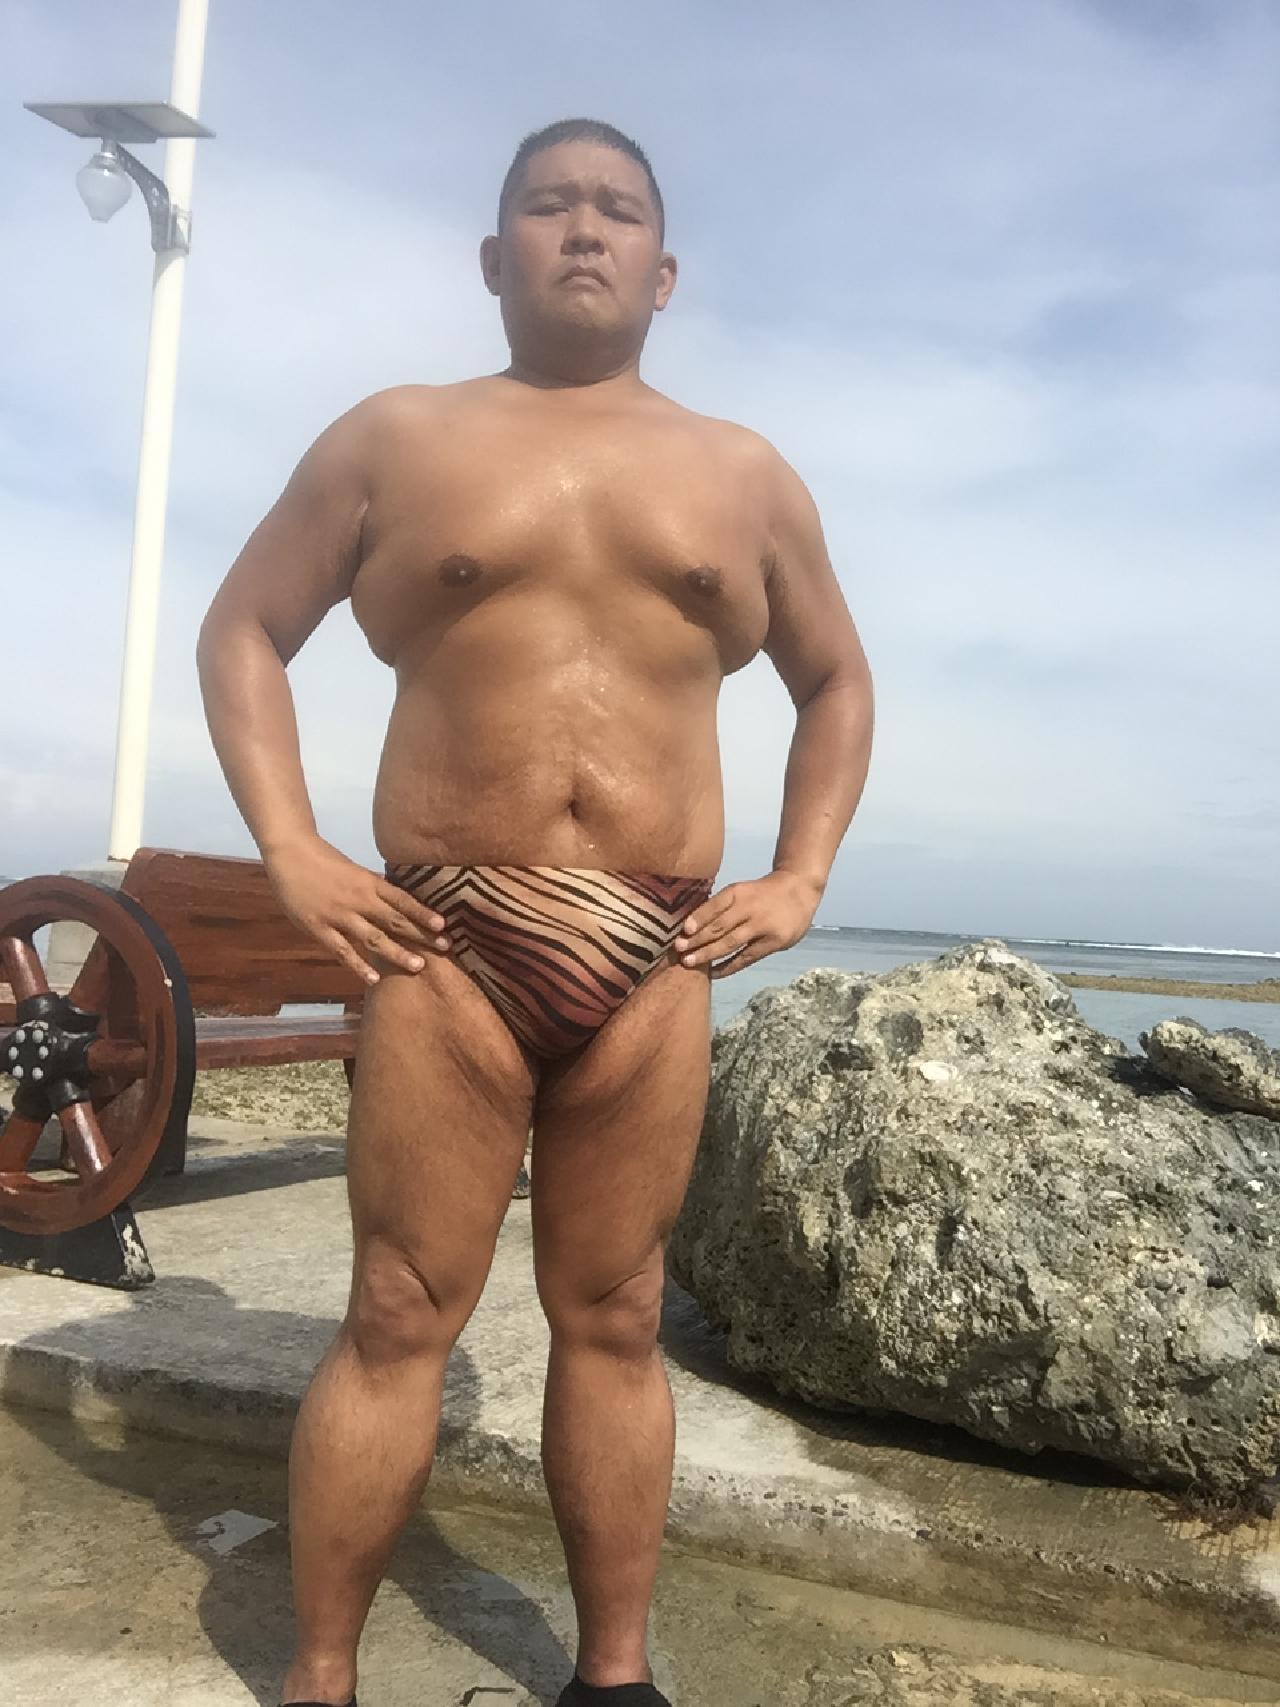 Bikini sun bather (113/218)